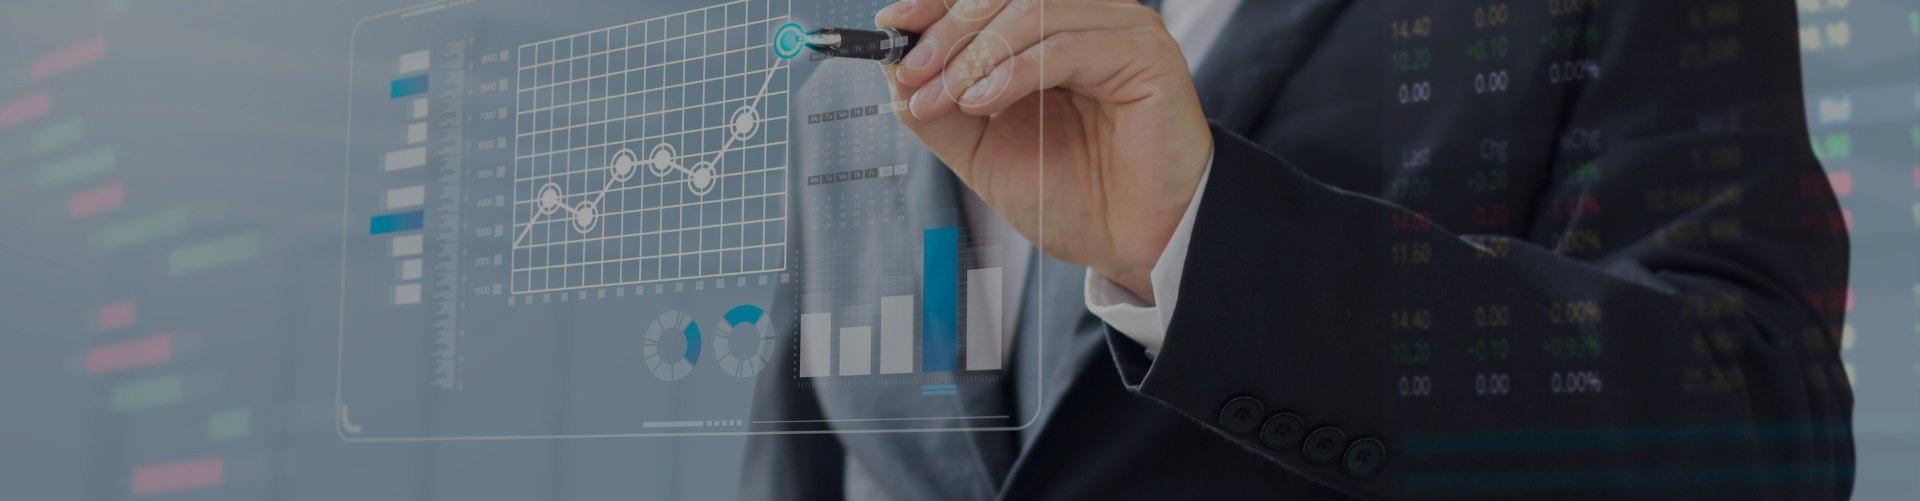 Fonds mutuel, experts dessinant graphique financier croissant